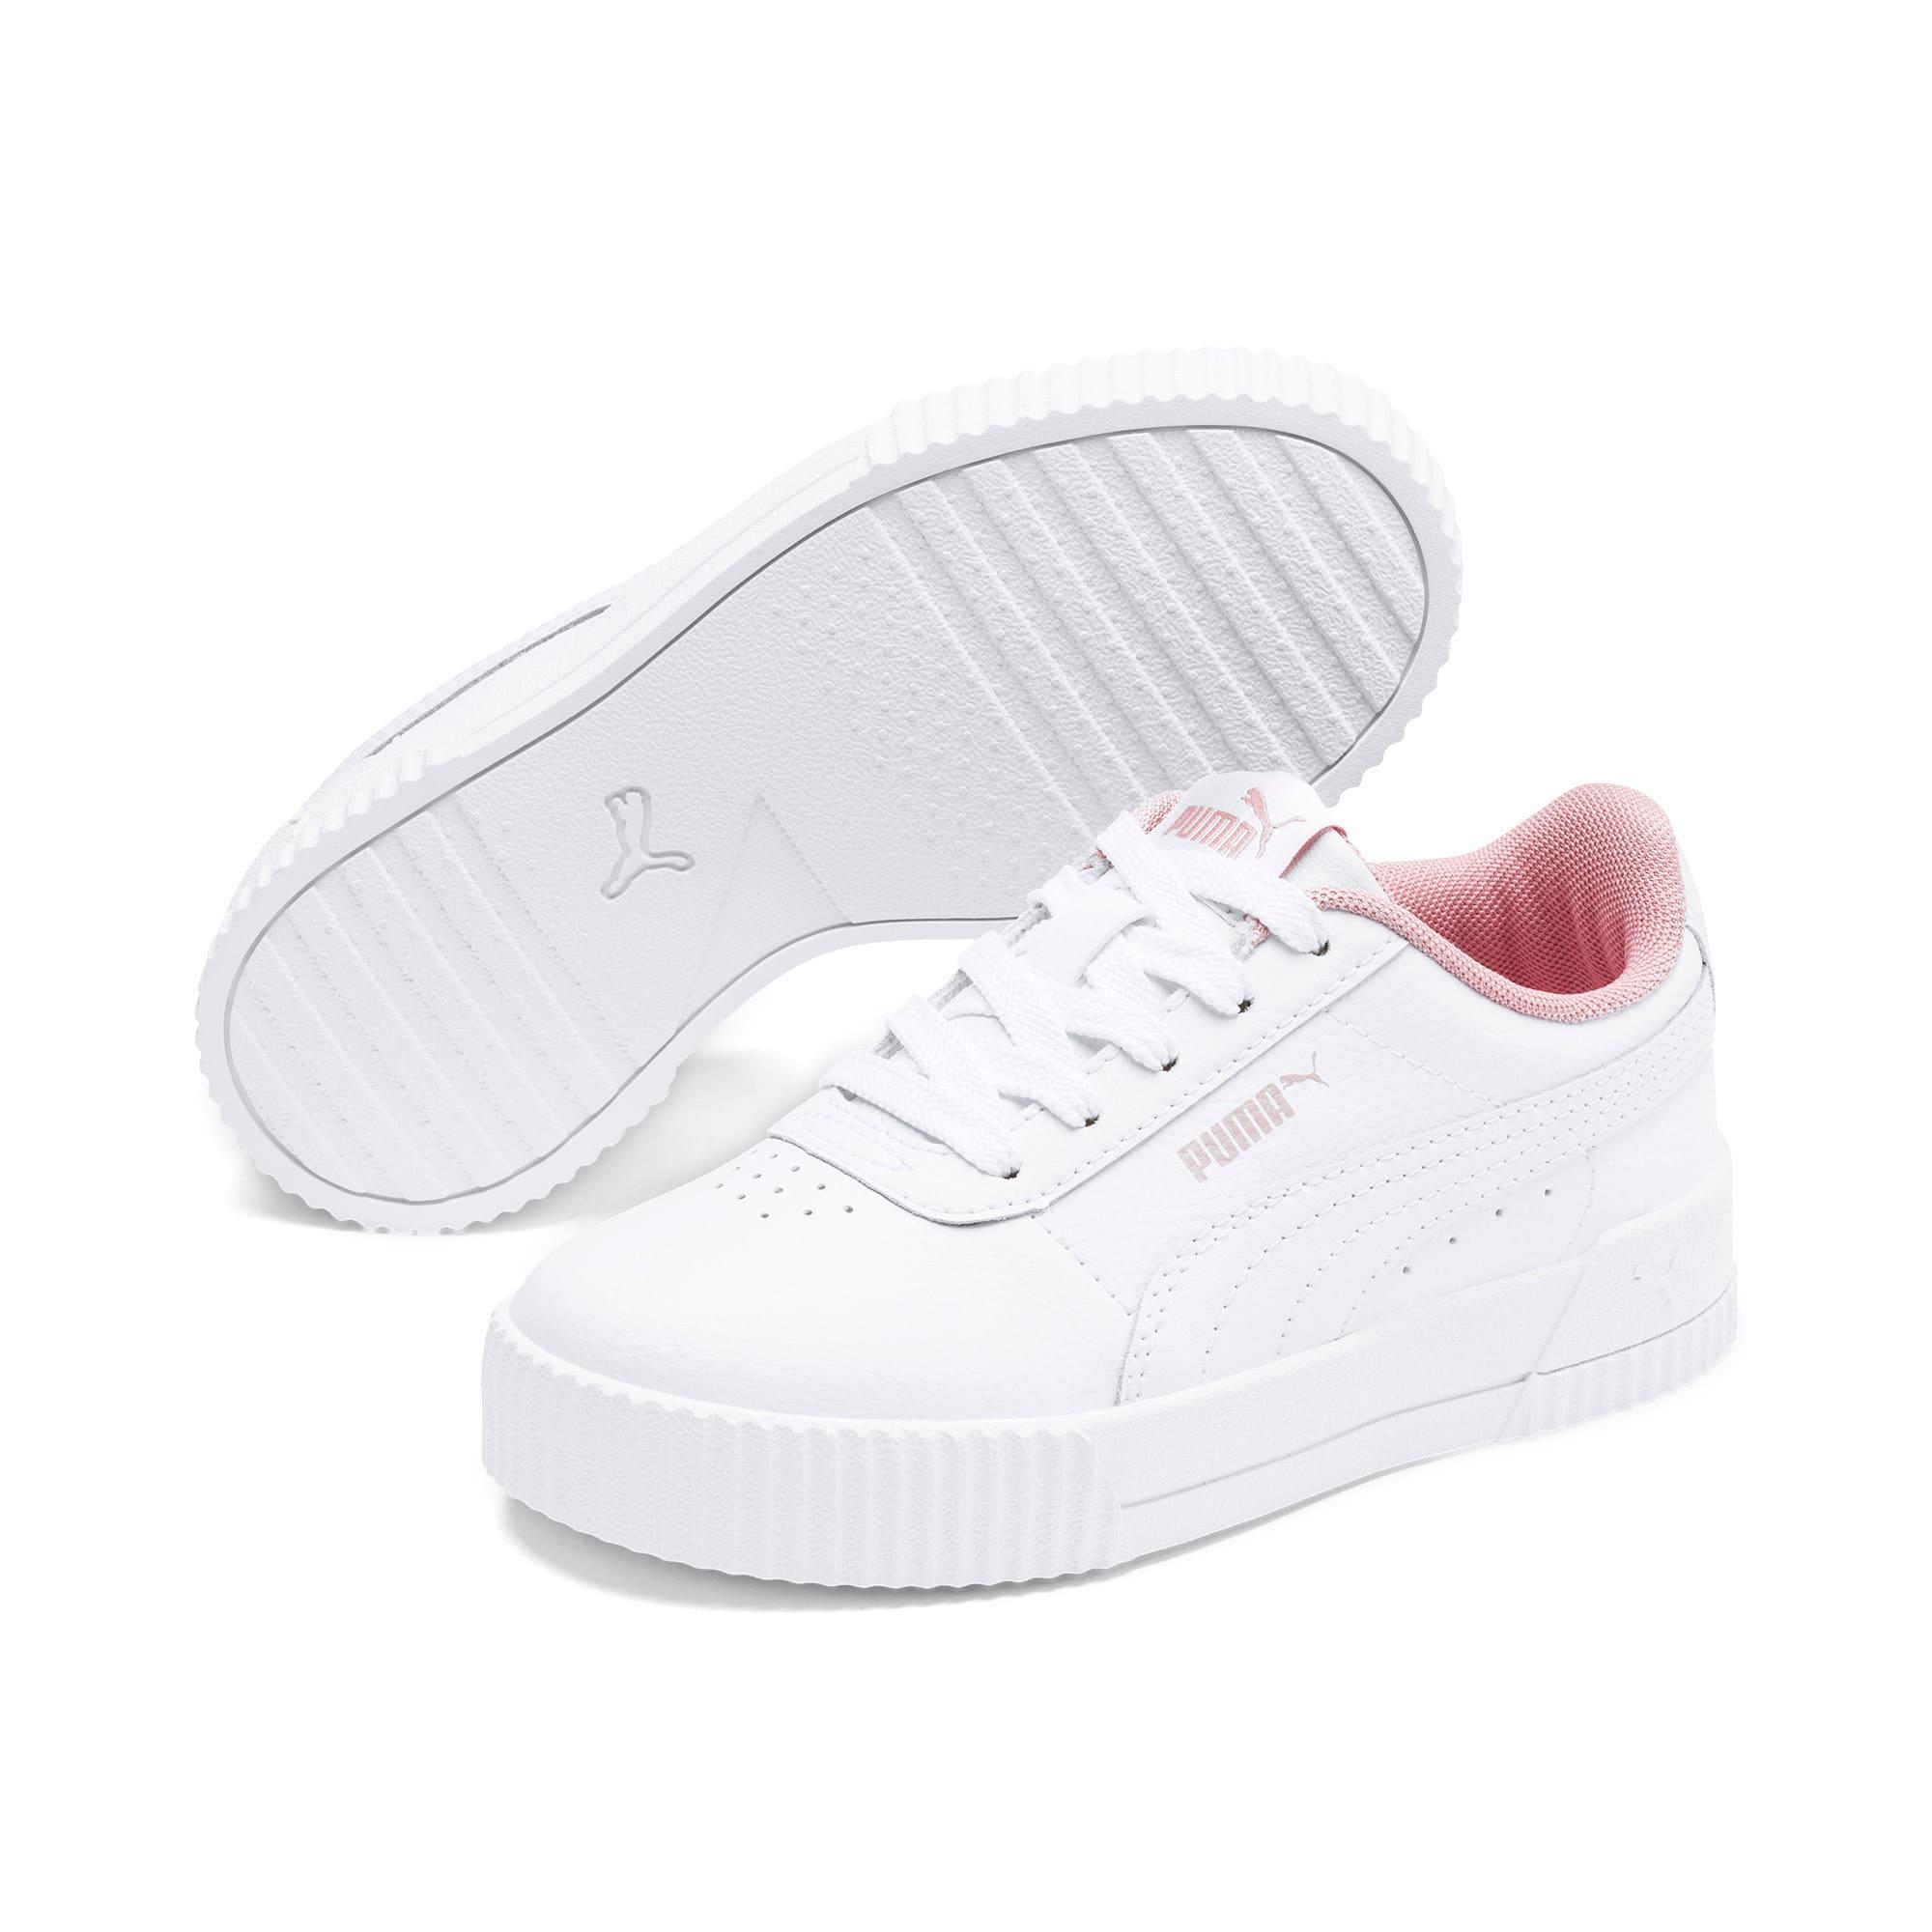 Zapatillas de niño Carina L